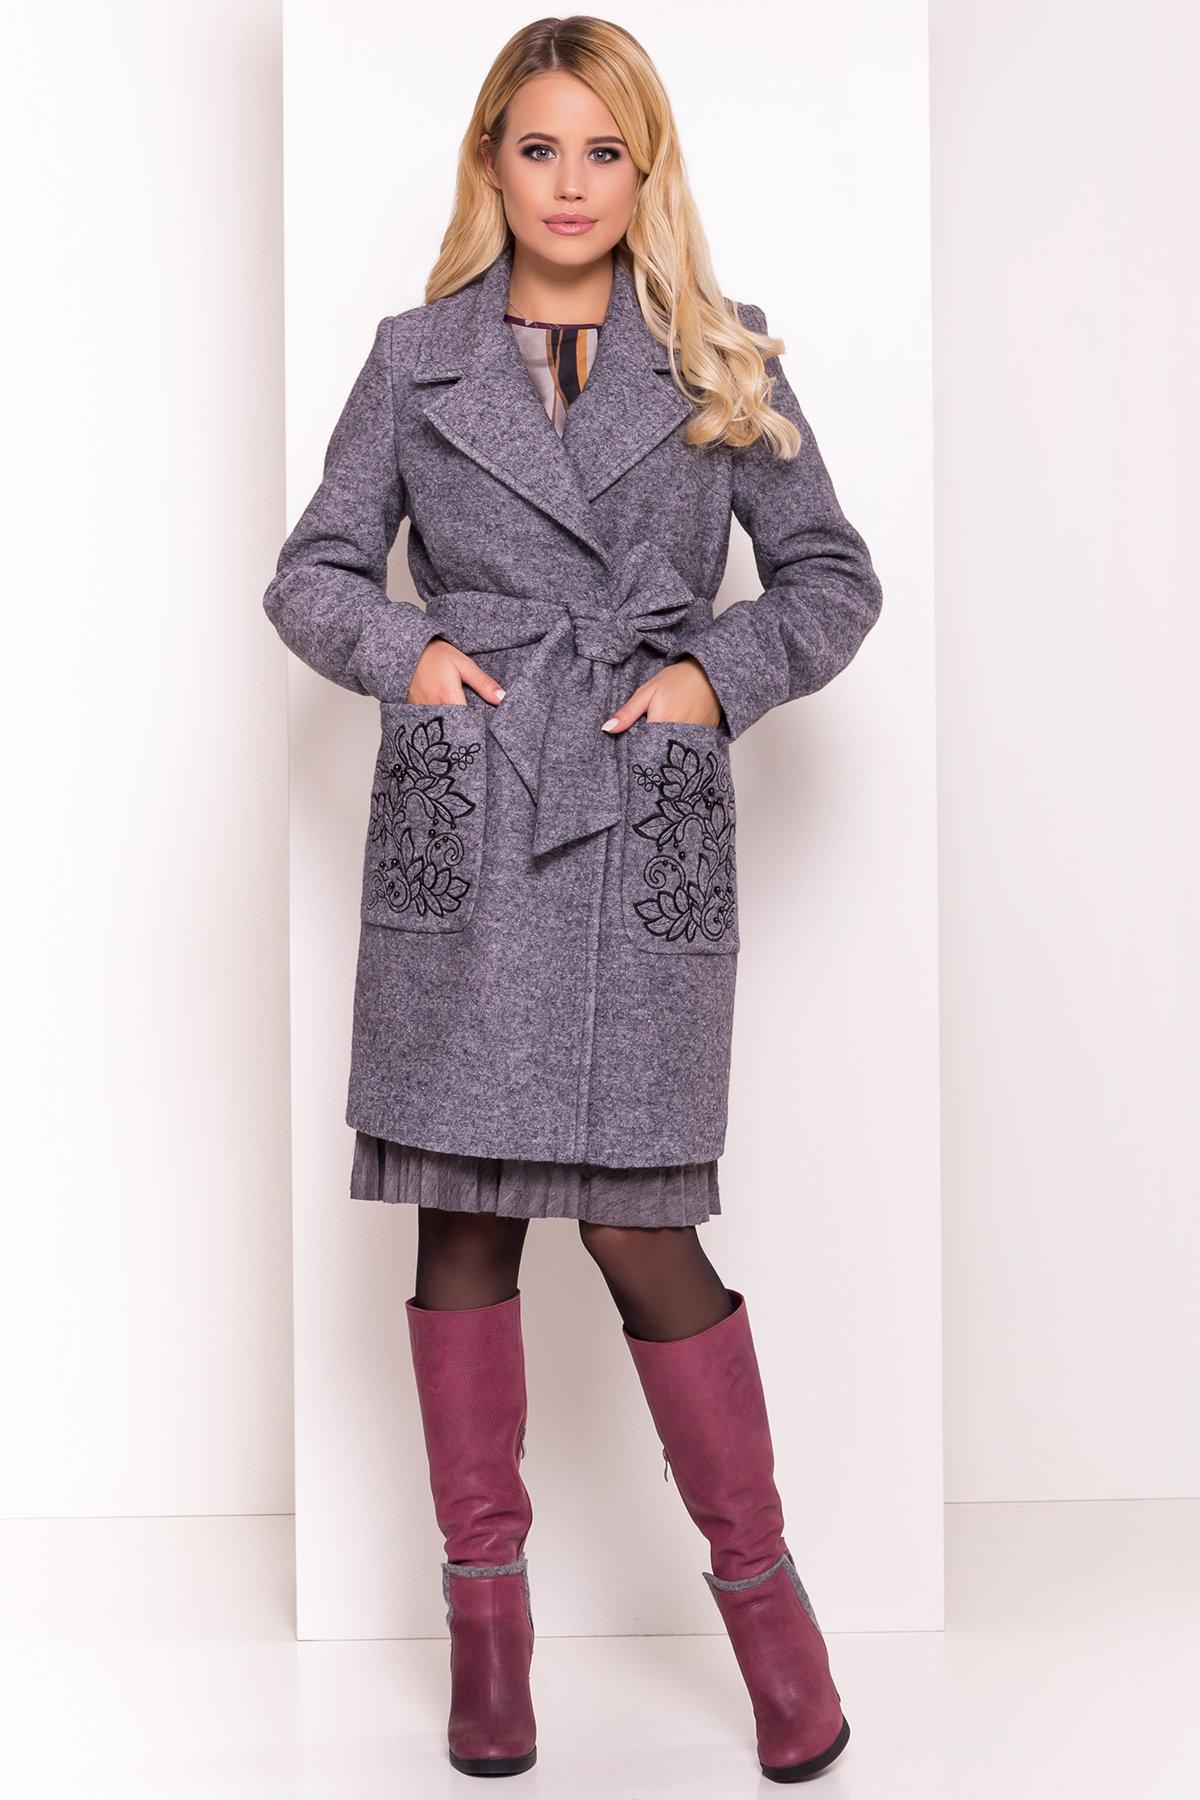 Женское пальто от производителя от Modus Демисезонное пальто из варенной шерсти Милена 5273